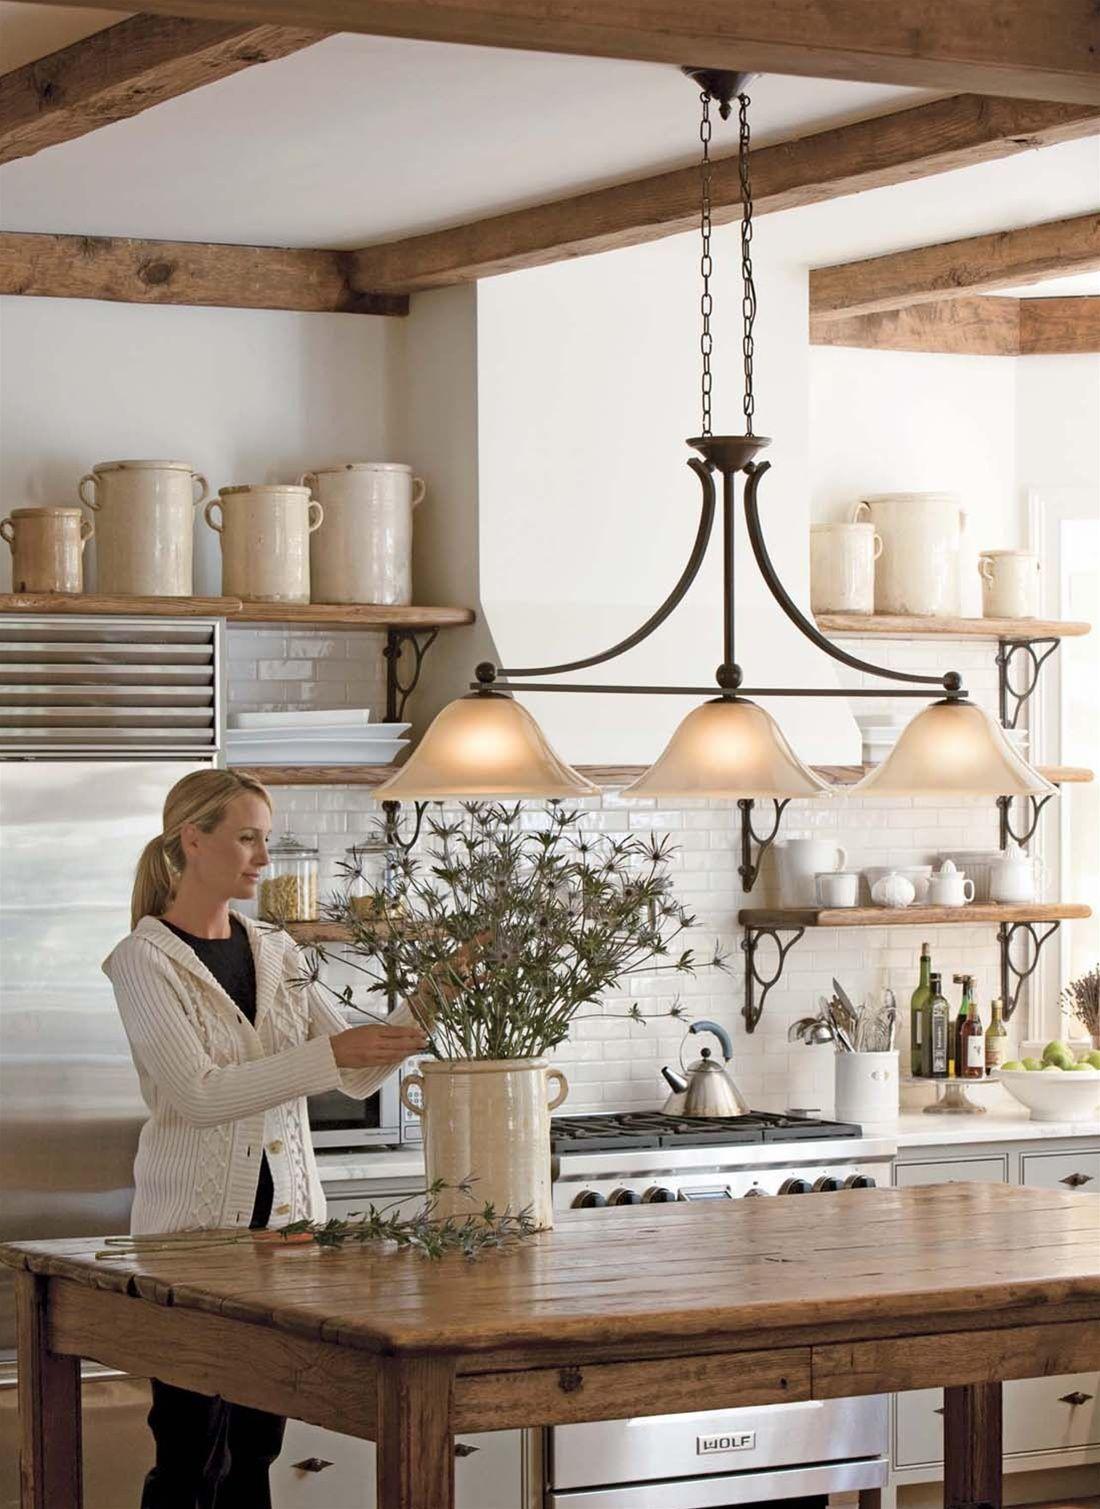 Bolla 25 25 Three Light Chandelier Dining Room Lighting